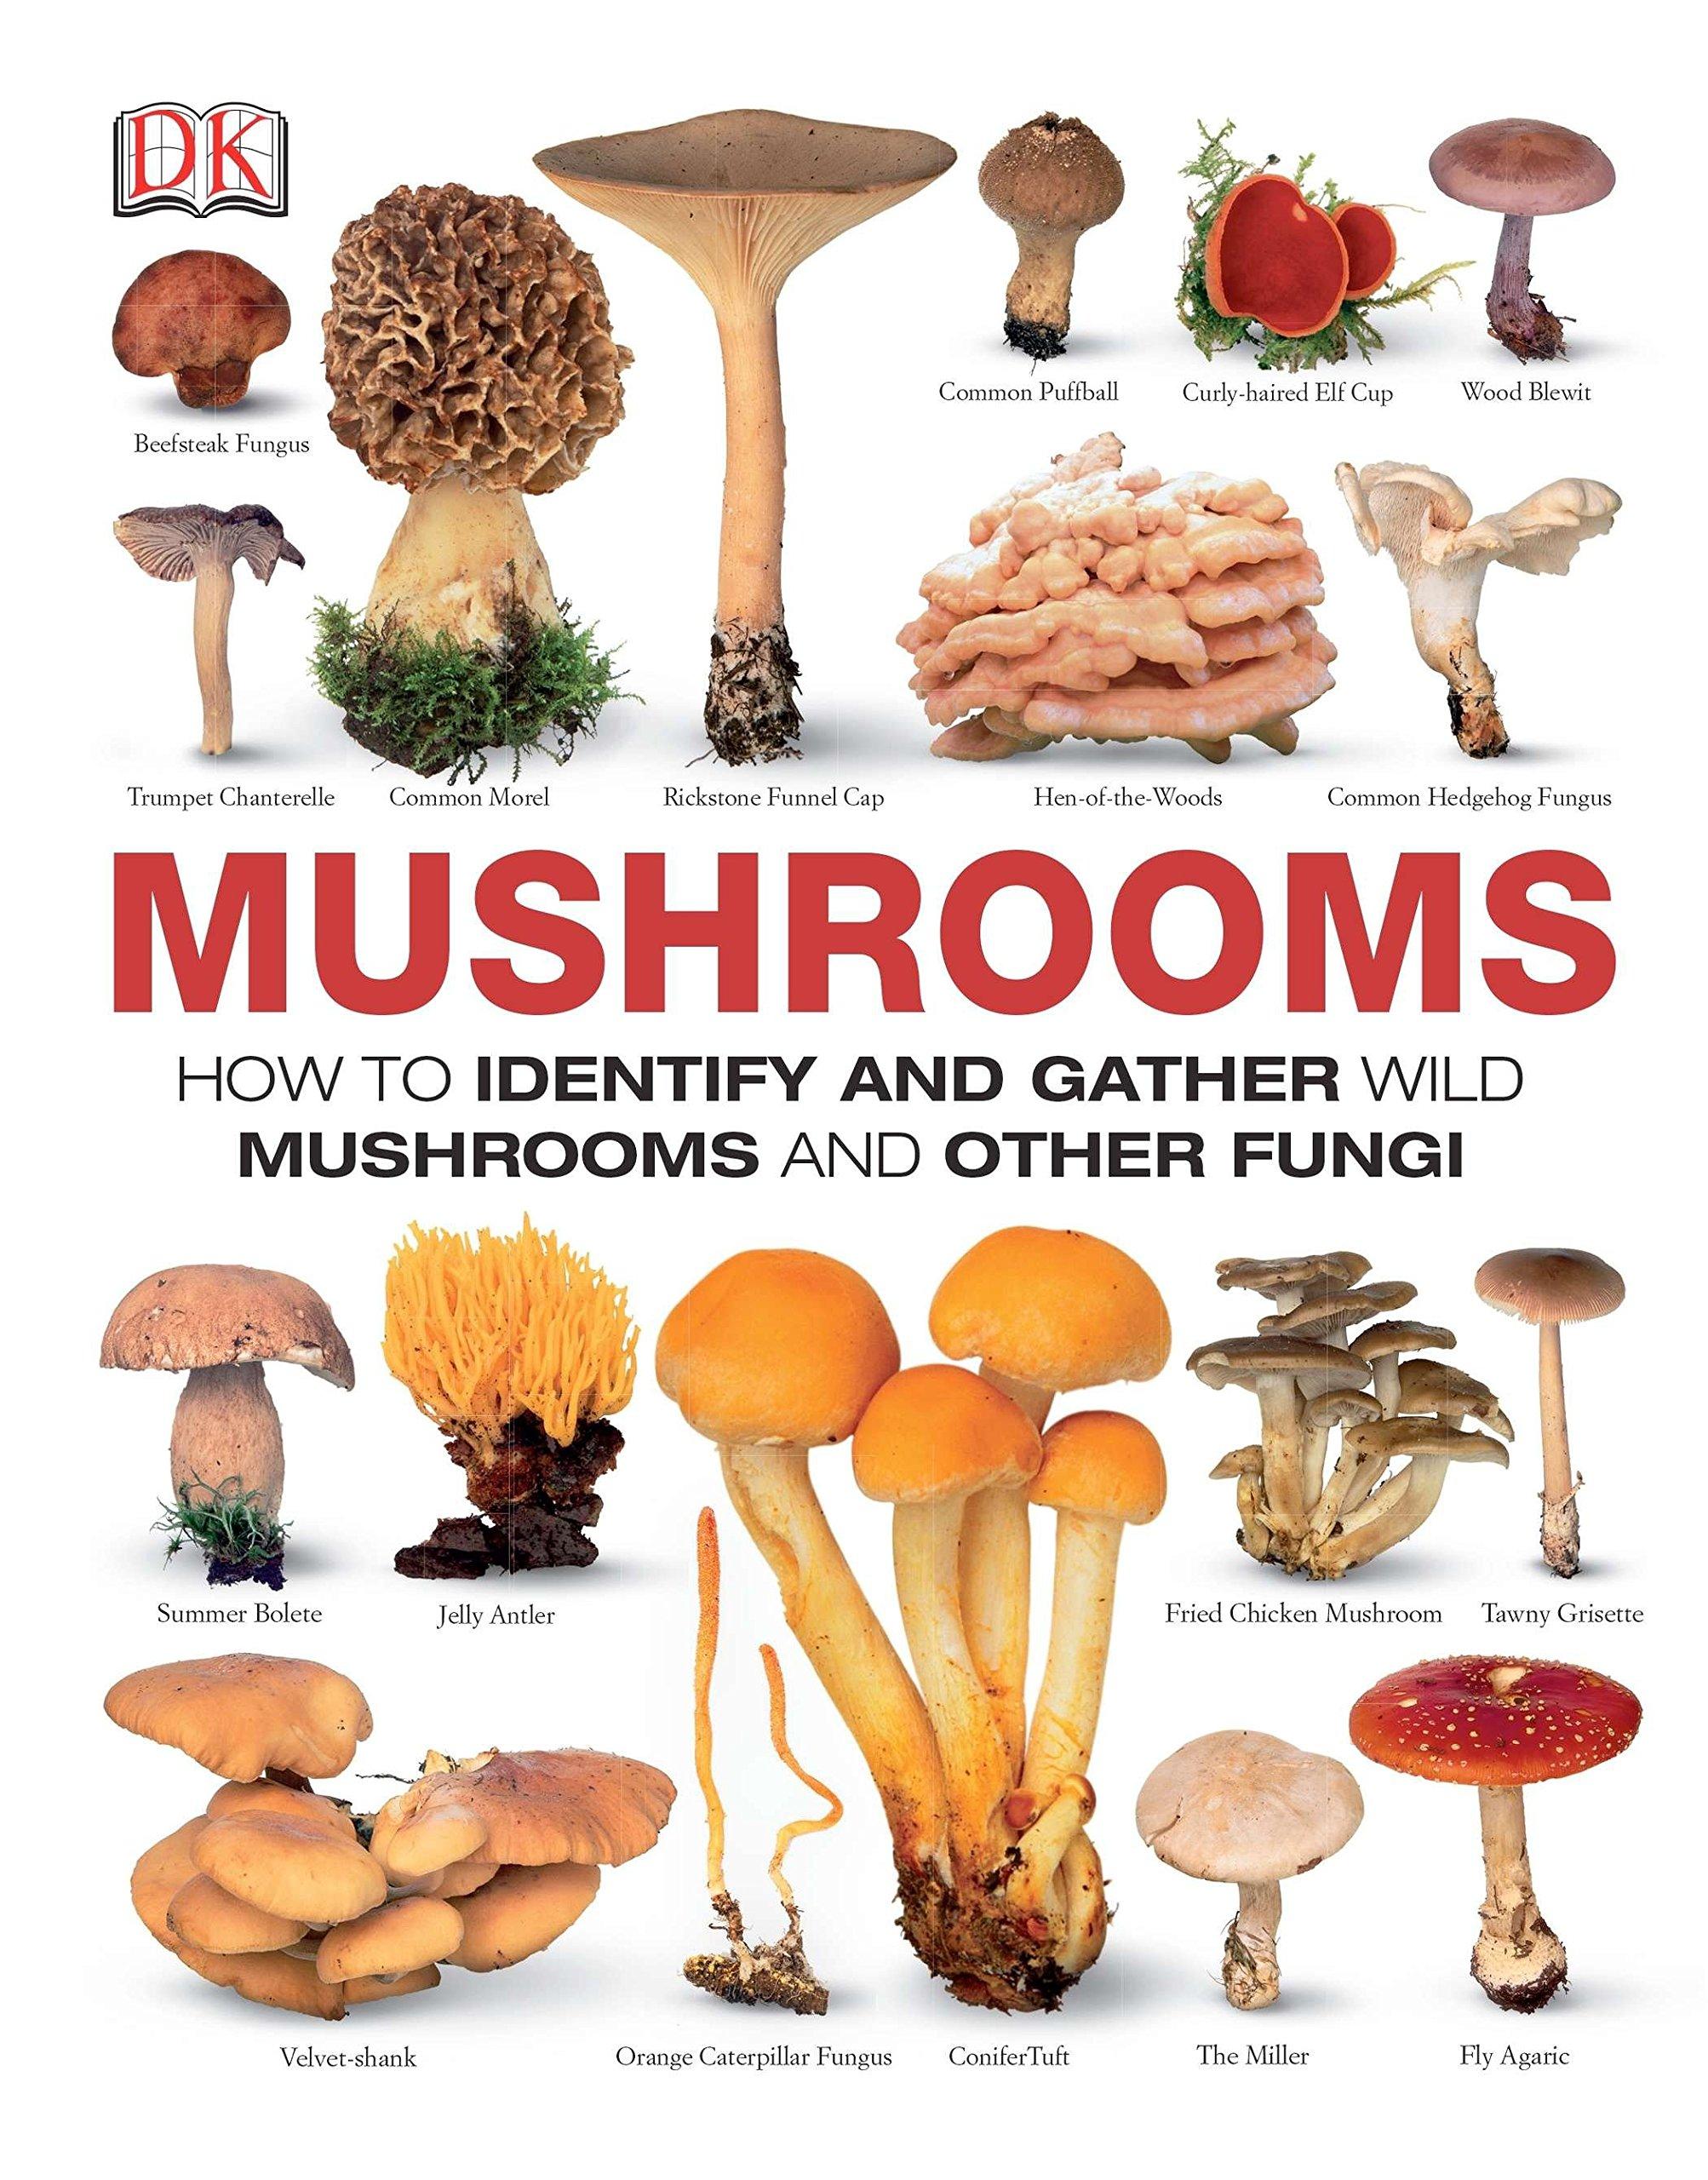 Mushrooms Identify Gather Other Fungi product image